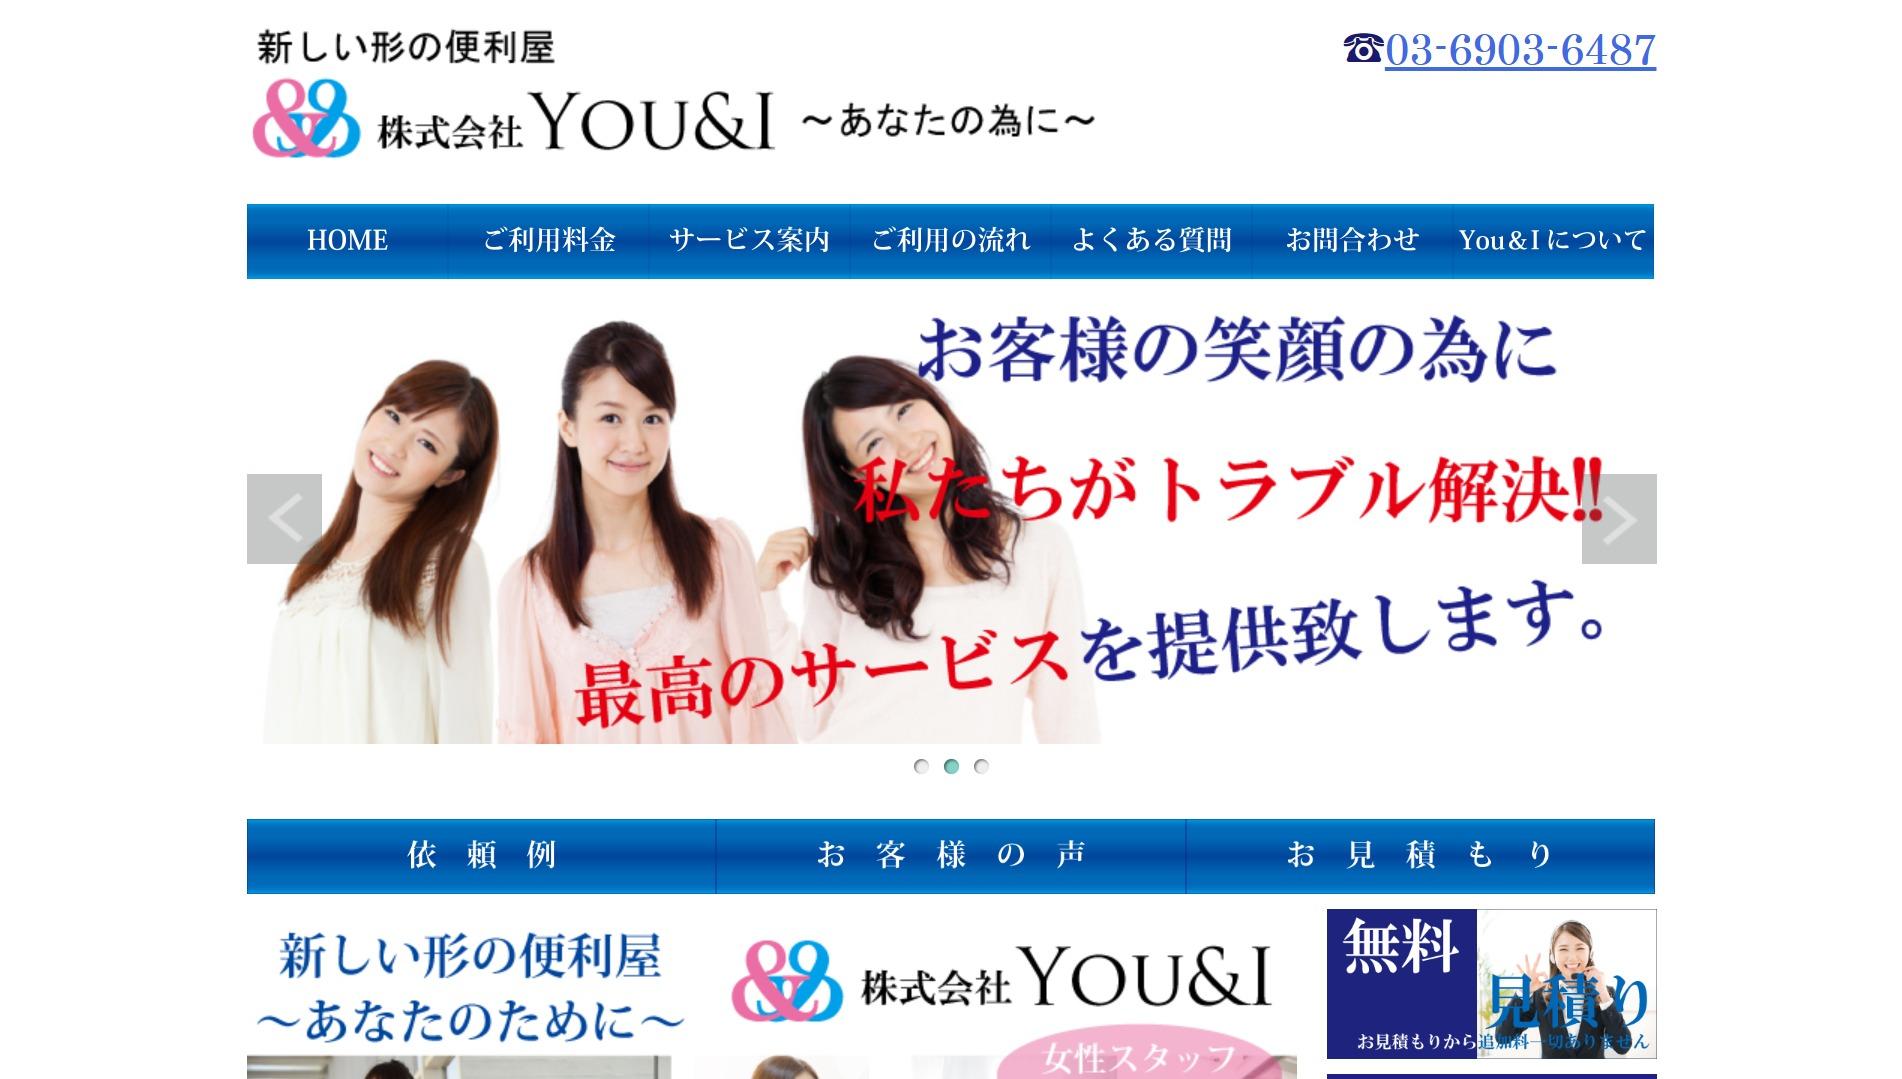 You&I(東京都豊島区西巣鴨)